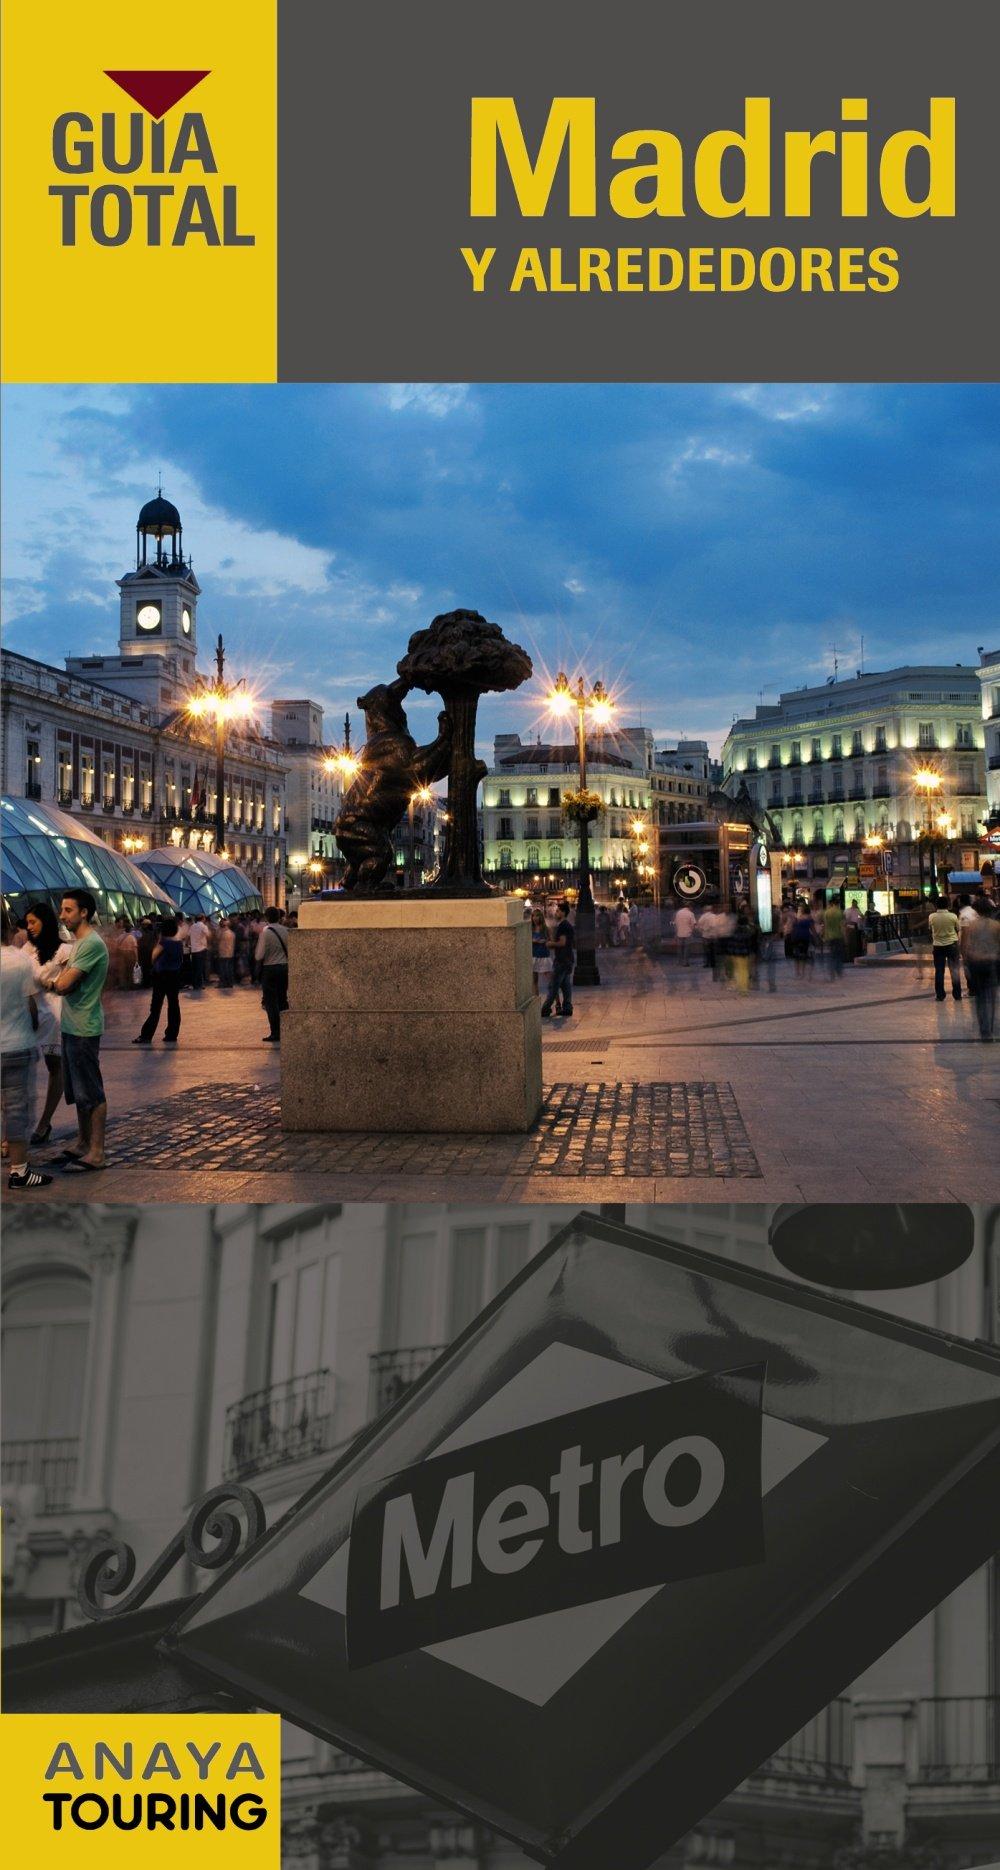 Madrid y alrededores (Guía Total - España): Amazon.es: Giles Pacheco, Fernando de, Paz Saz, Pepo: Libros